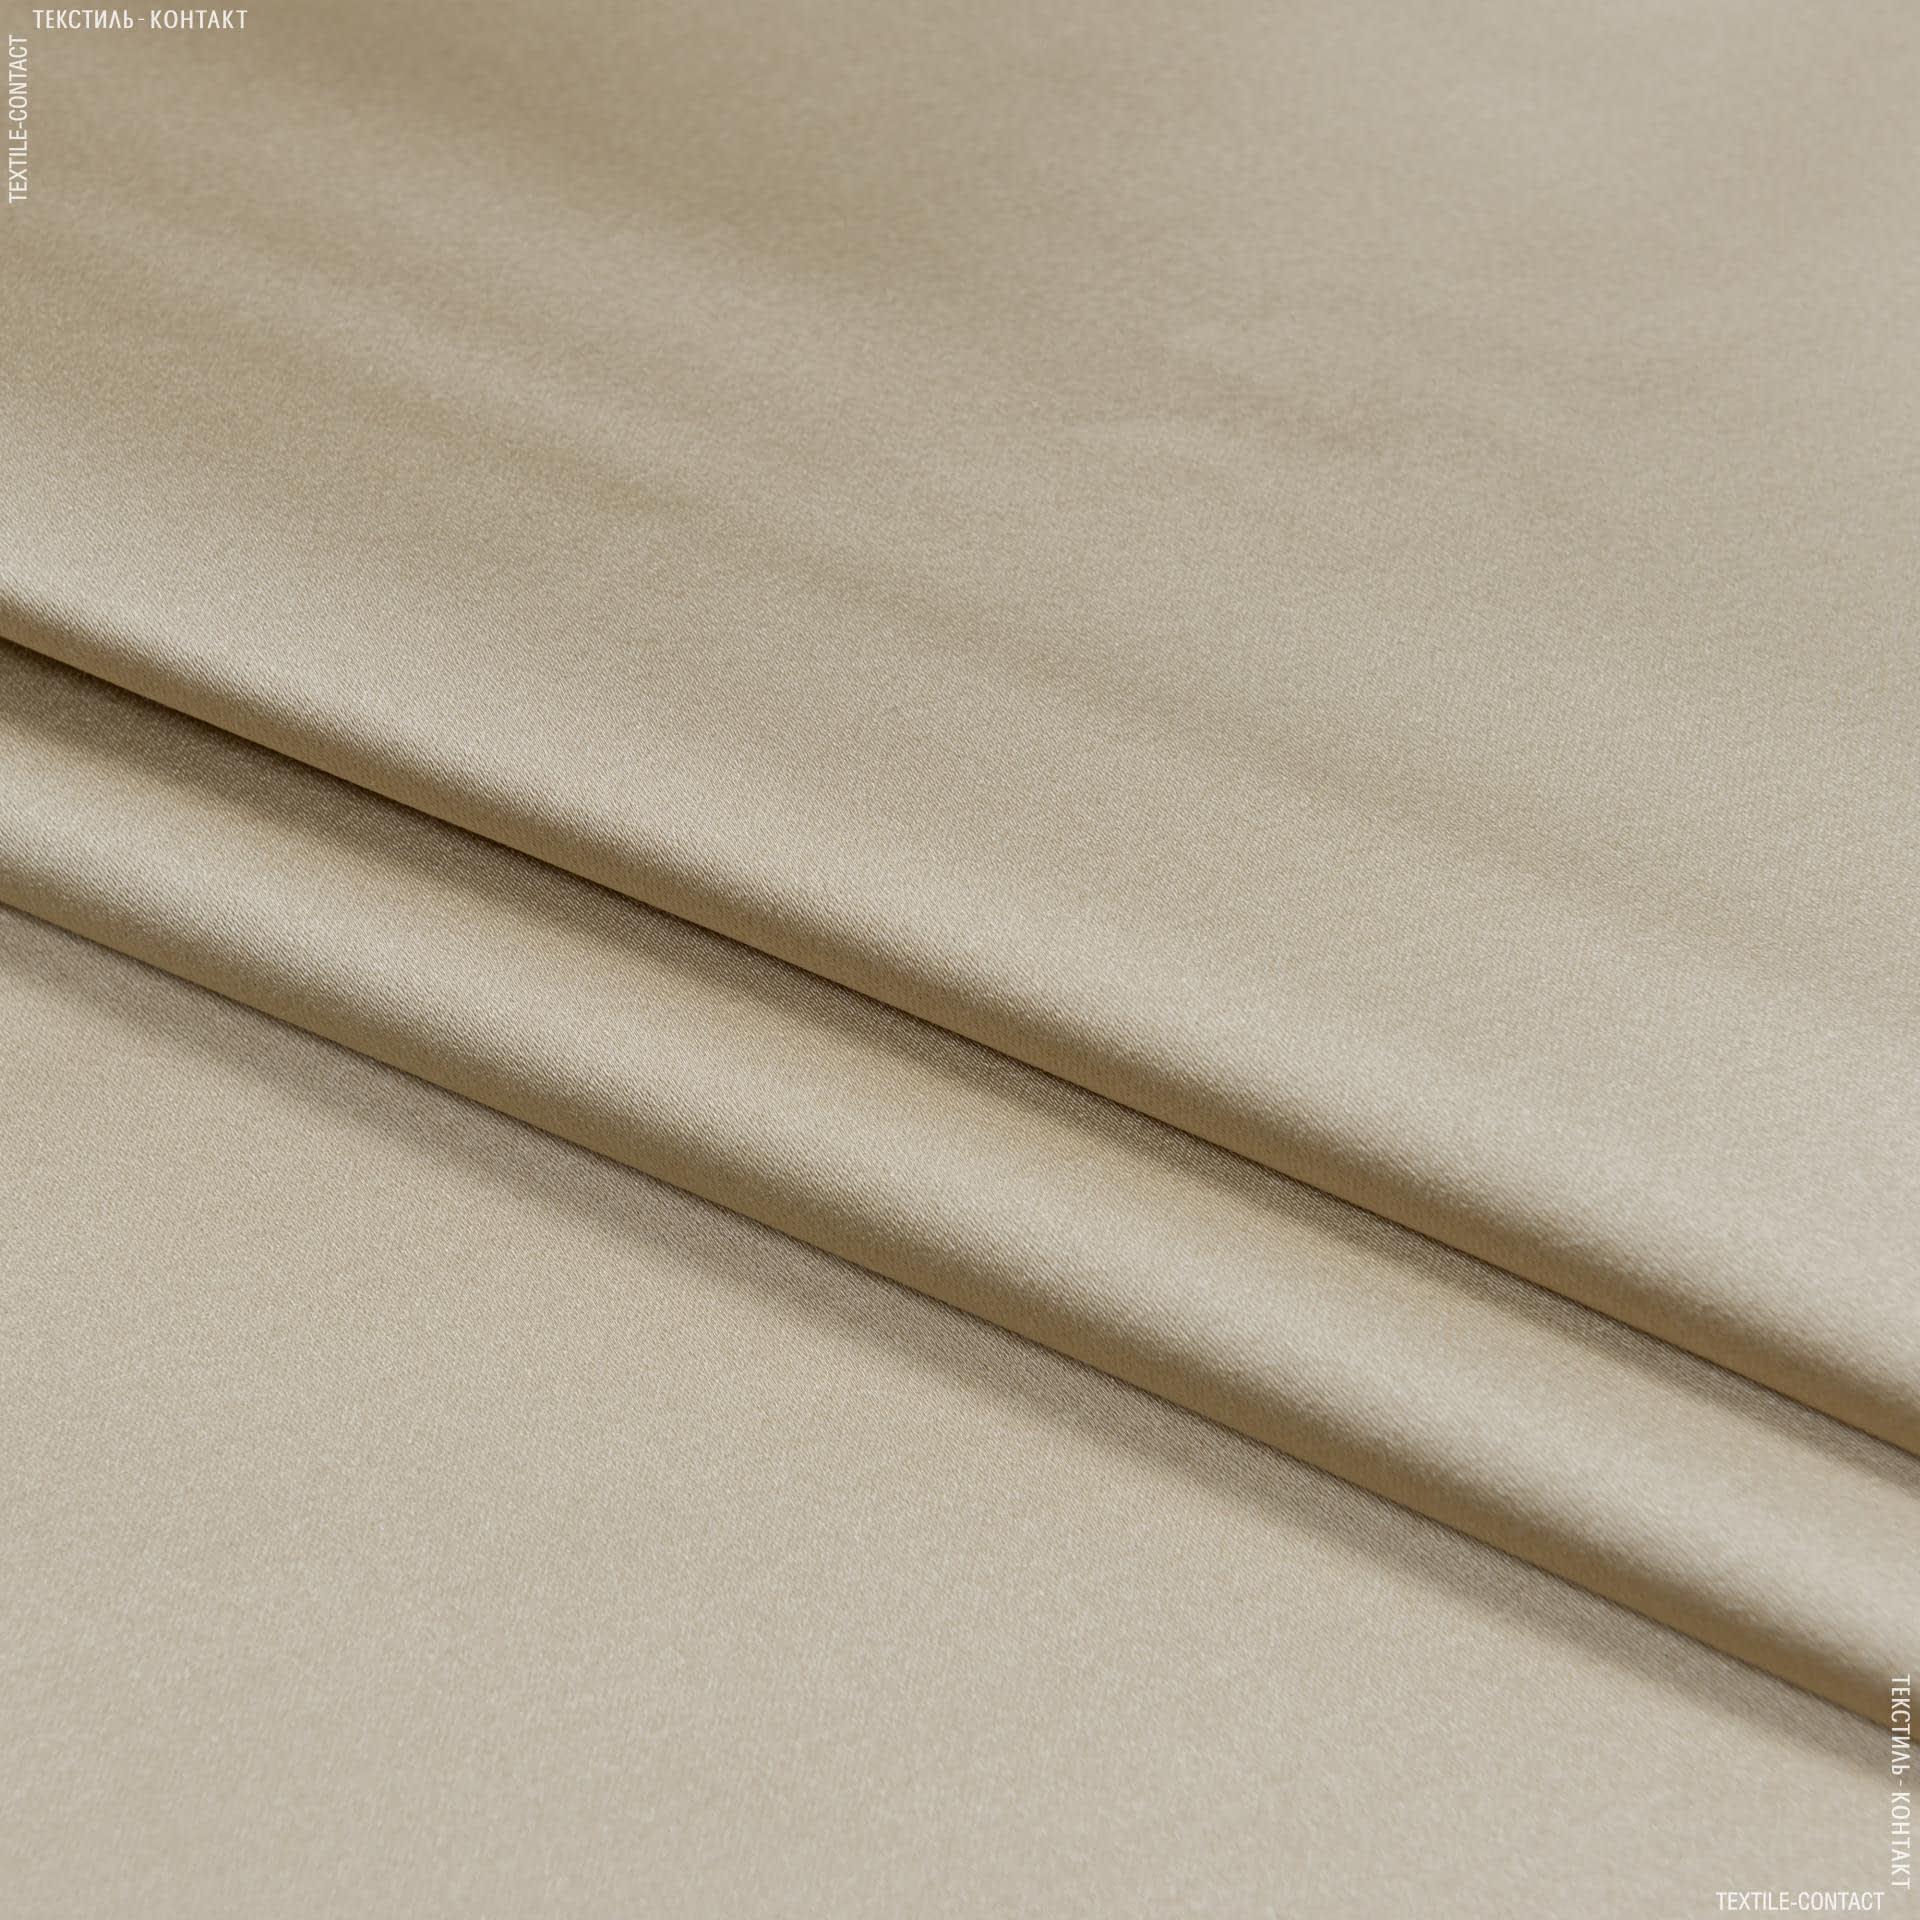 Ткани портьерные ткани - Портьерная ткань  атлас ревю  беж-золото